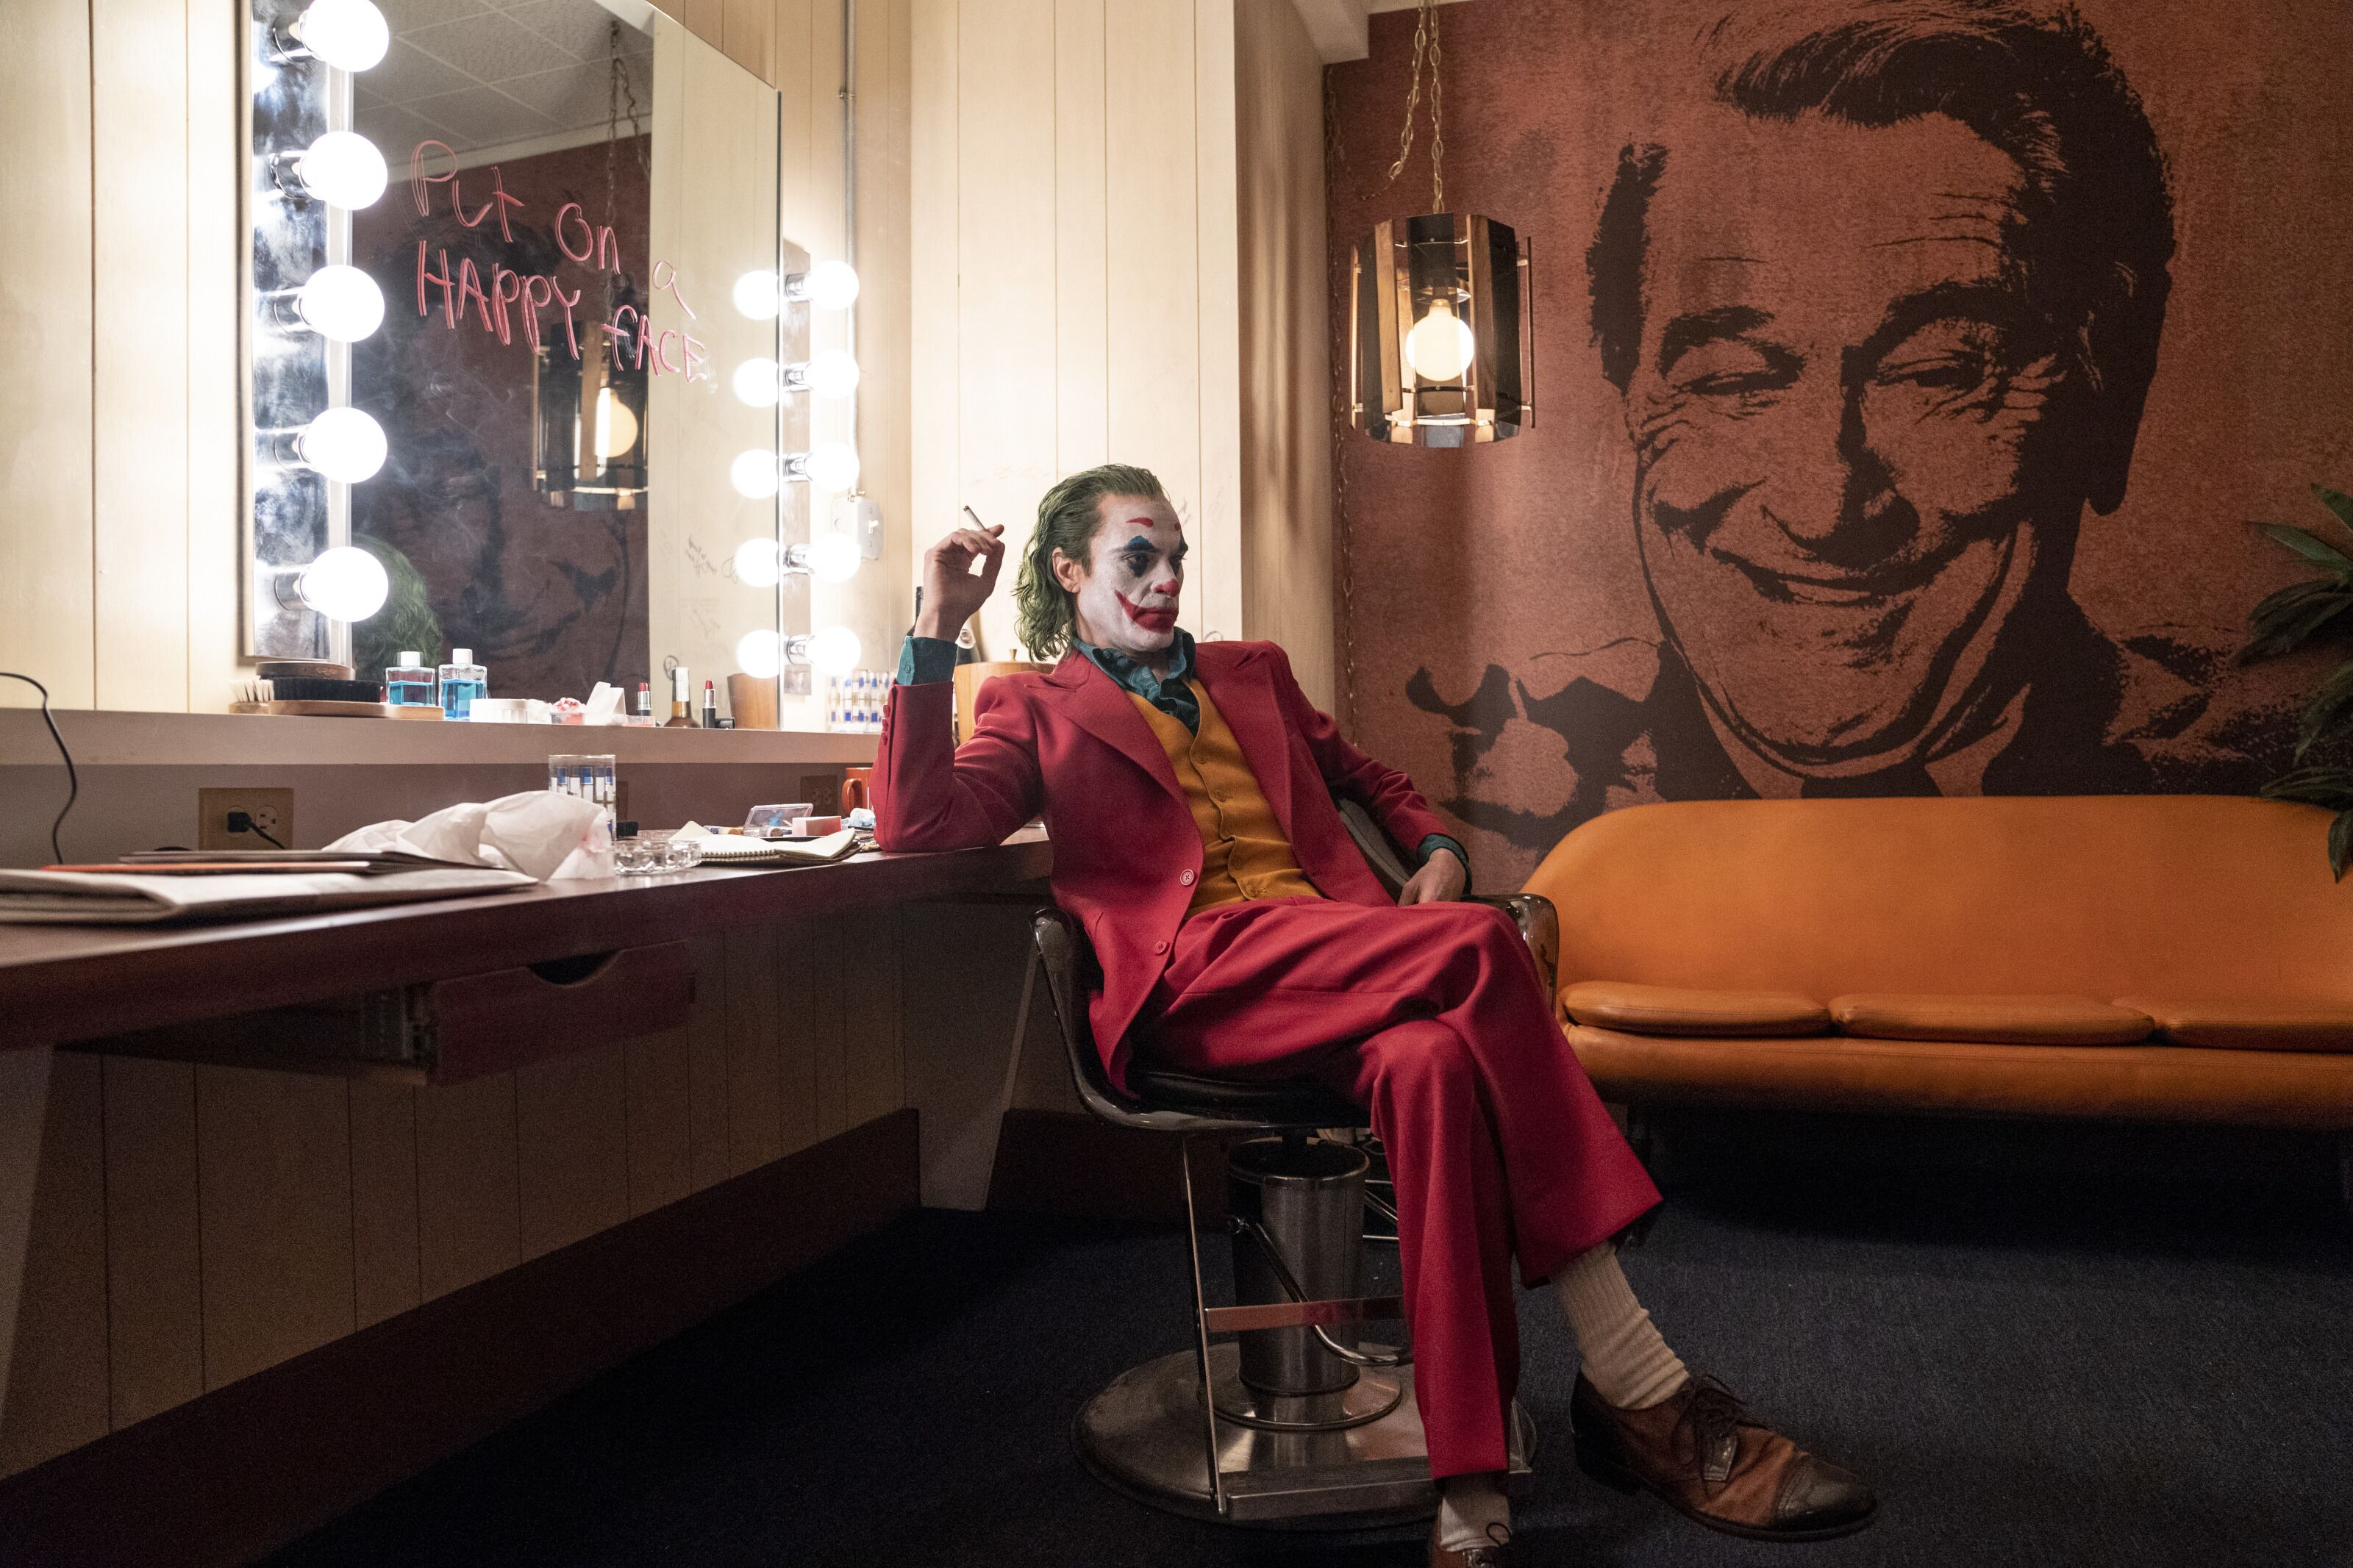 Joker: Joaquin Phoenix should play the White Knight next